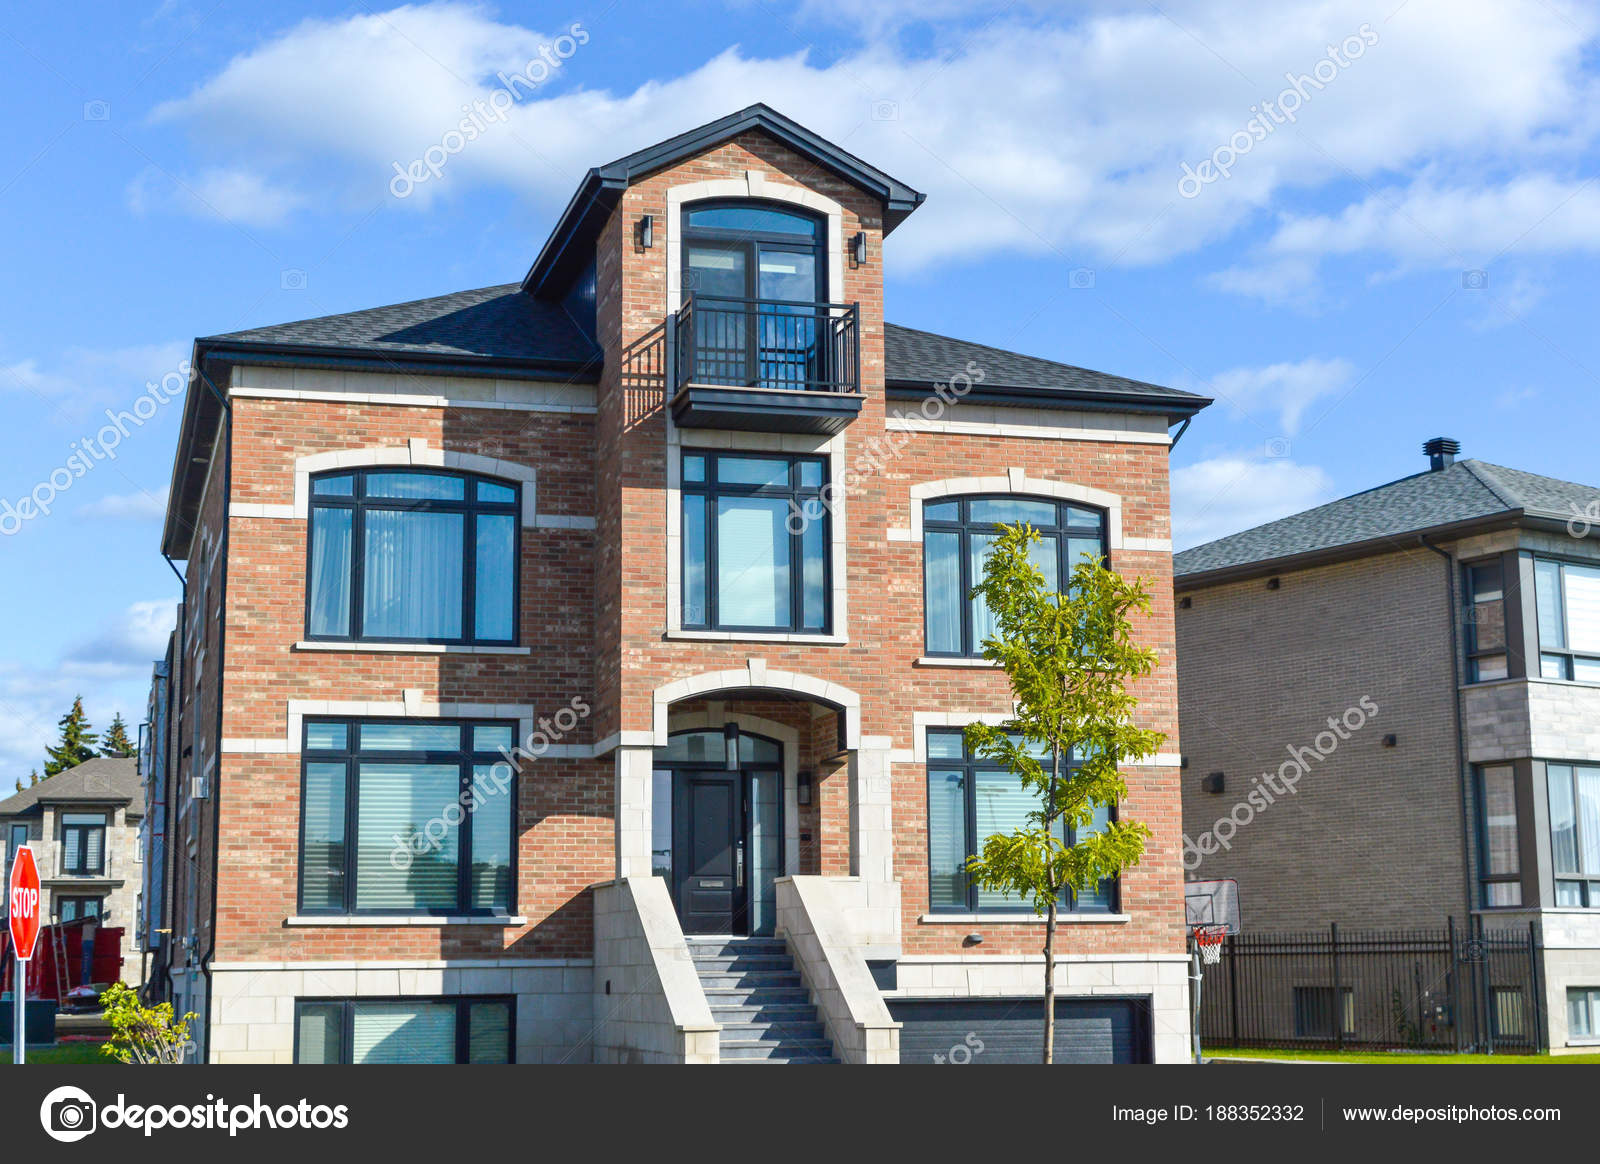 Cher Maison Moderne Avec Grandes Fenêtres Montréal Canadau2013 Images De Stock  Libres De Droits